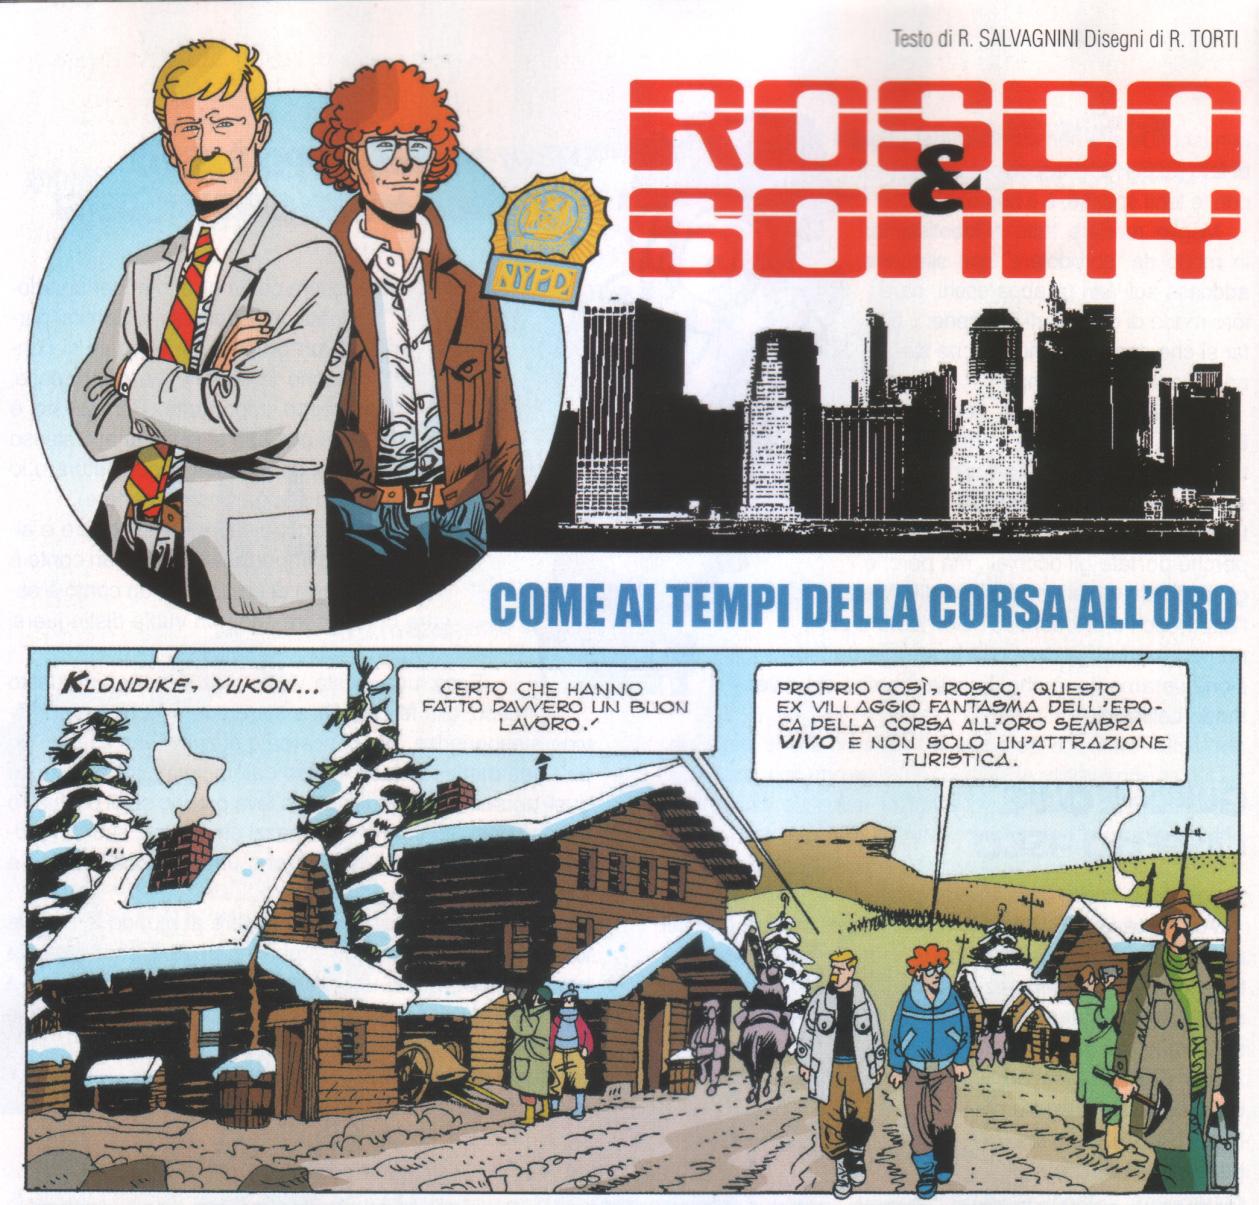 La prima pagina di un'avventura di Rosso e Sonny